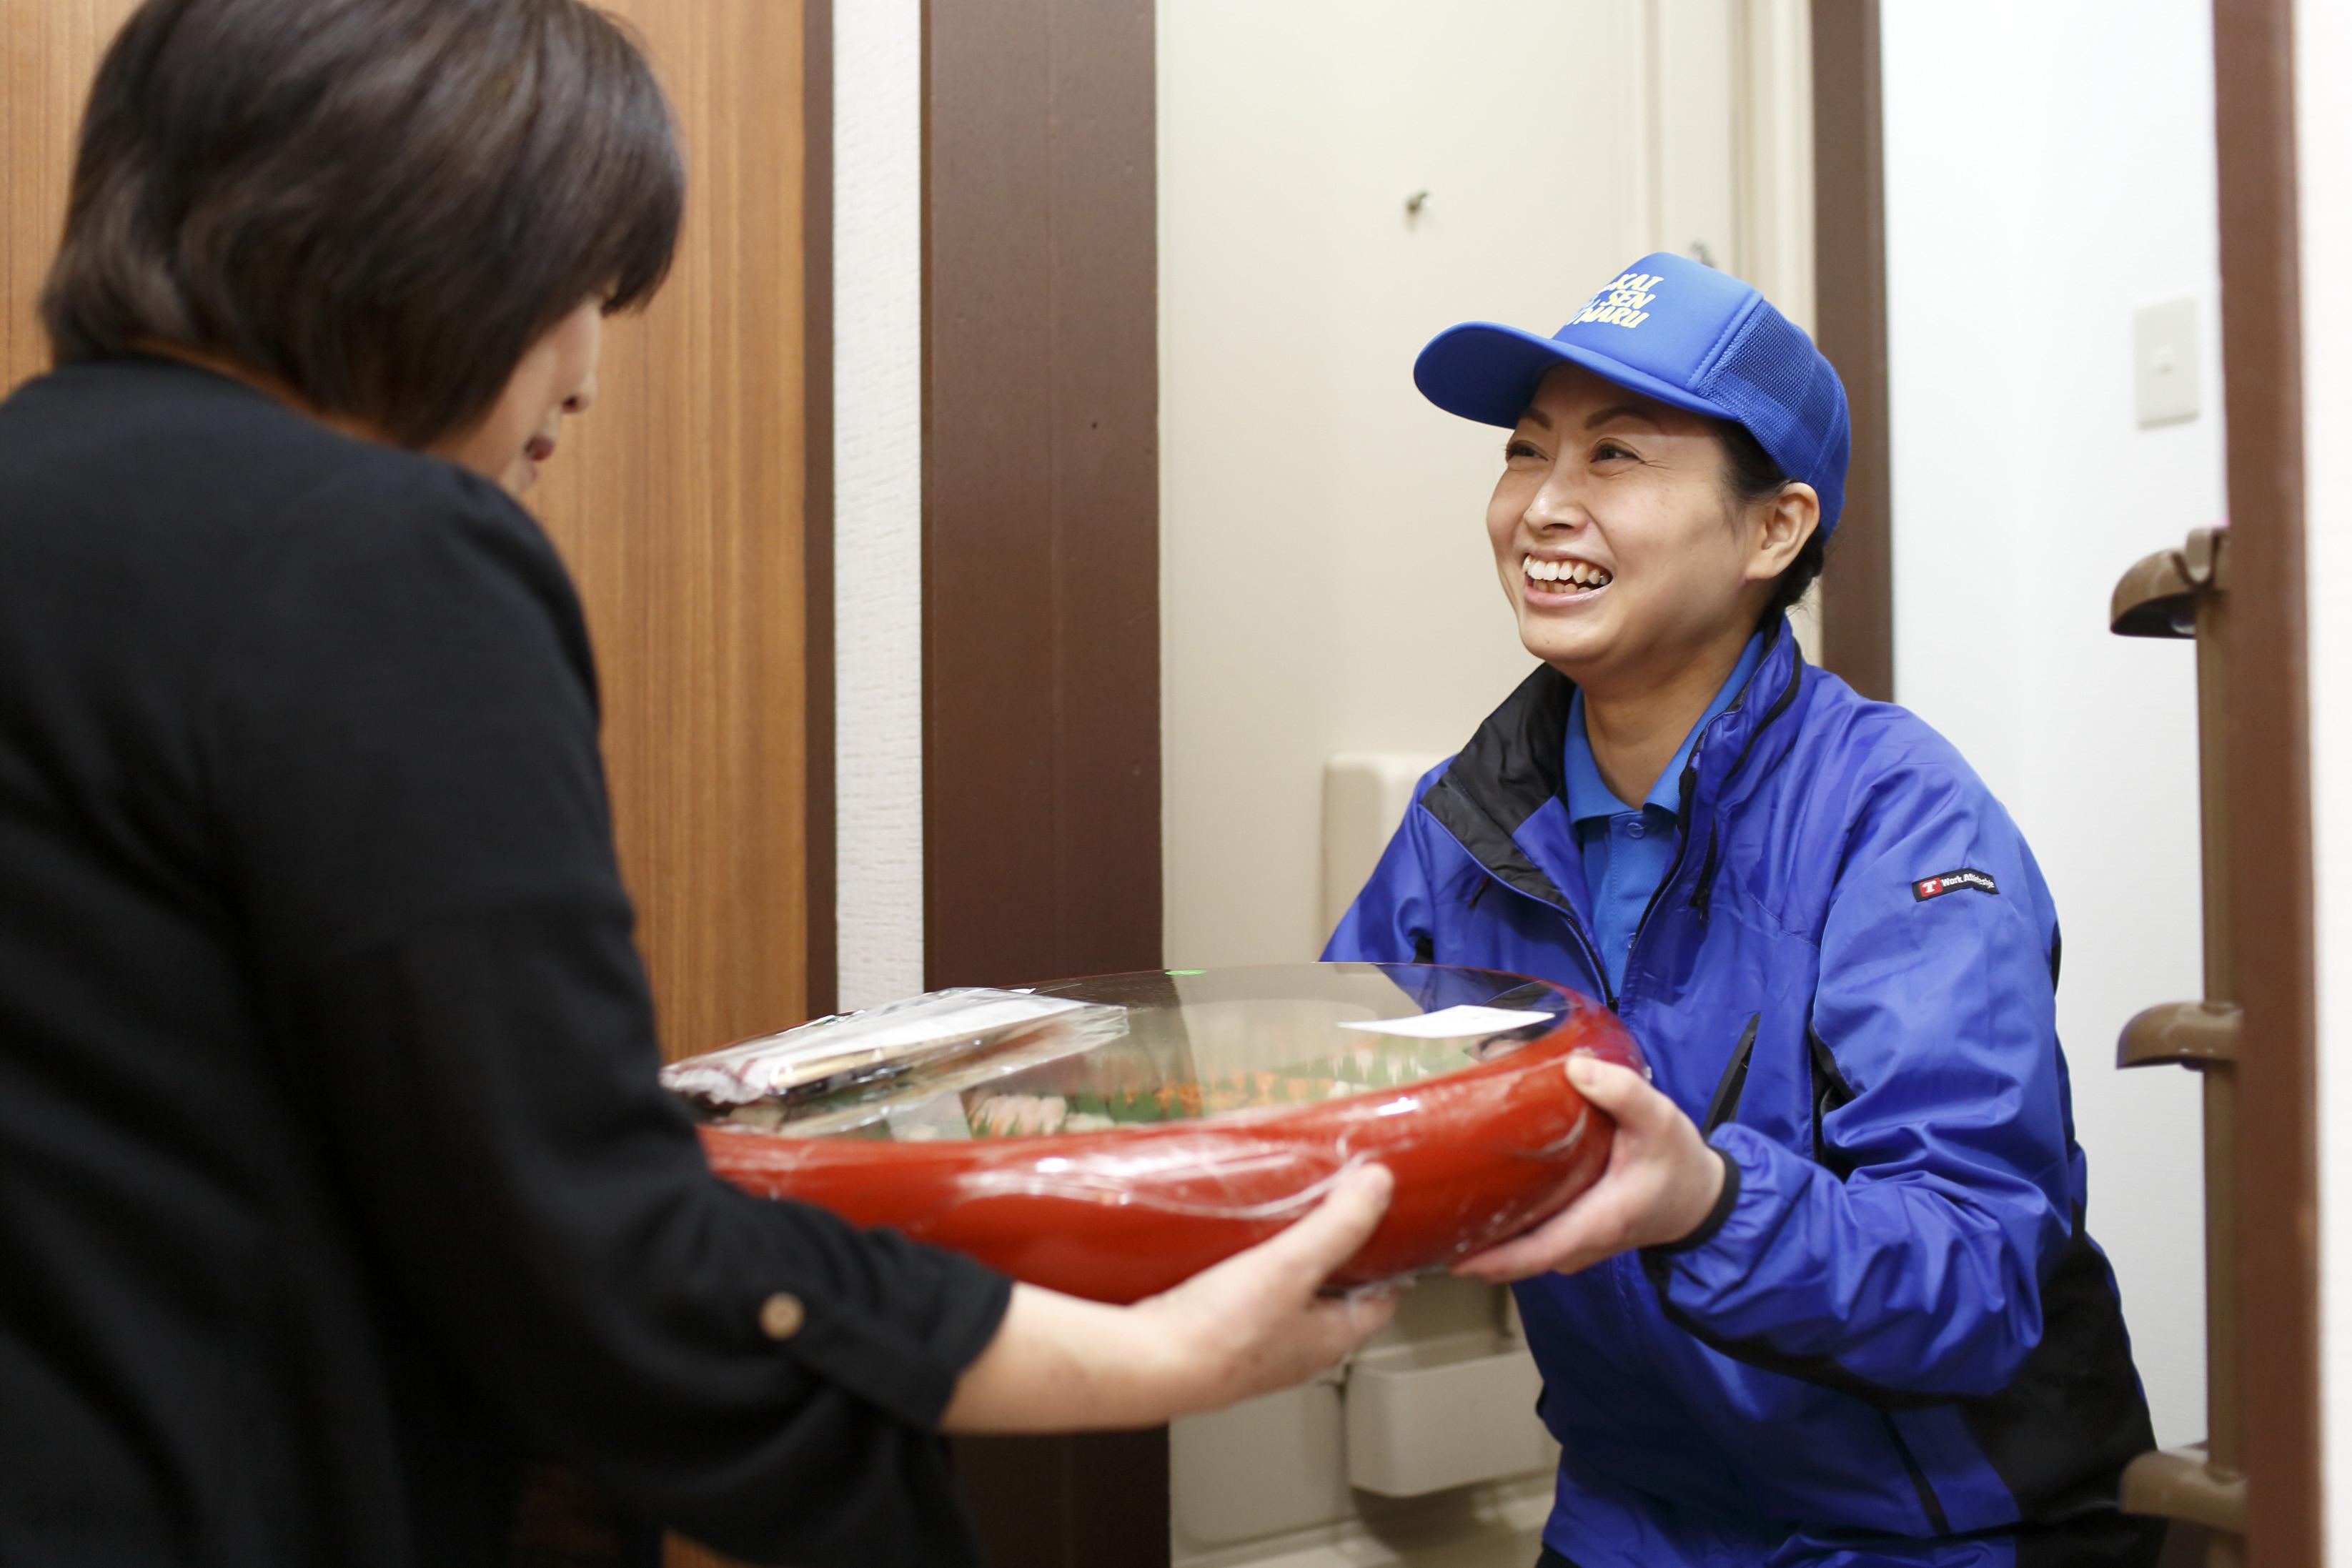 札幌海鮮丸 永山店 デリバリー(配達)スタッフのアルバイト情報